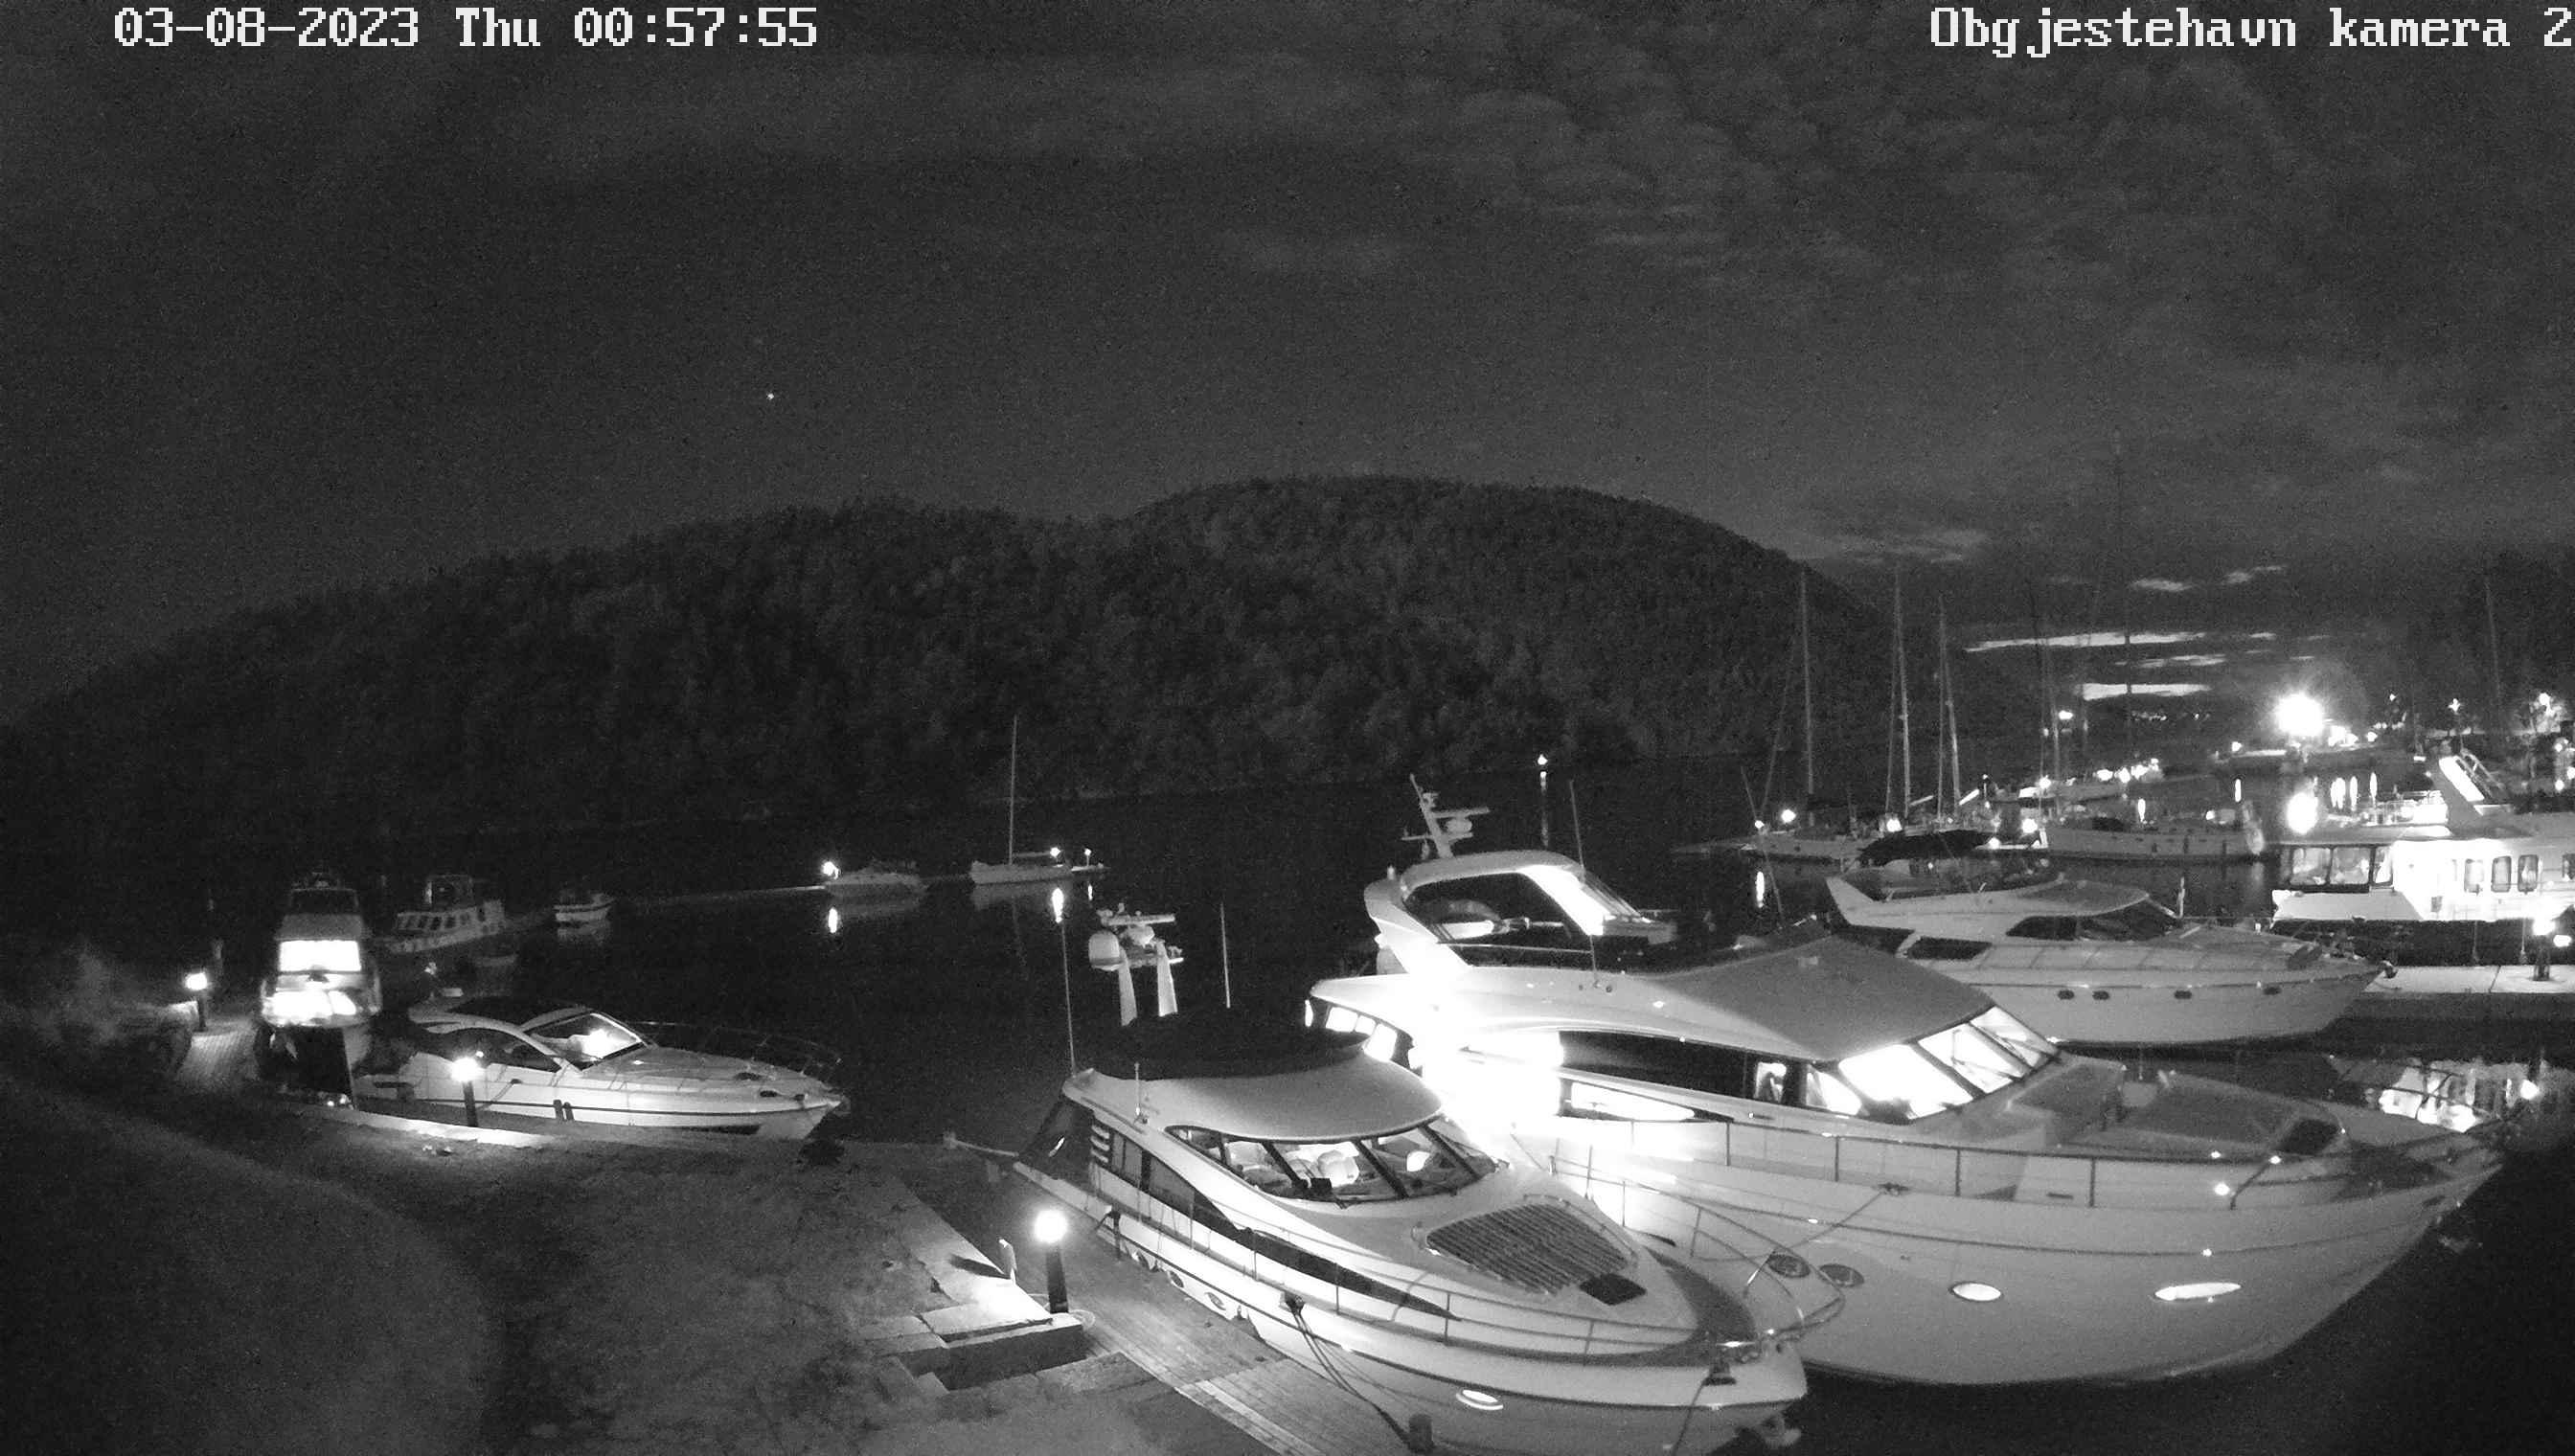 Drøbak - Oscarsborg marina (02)